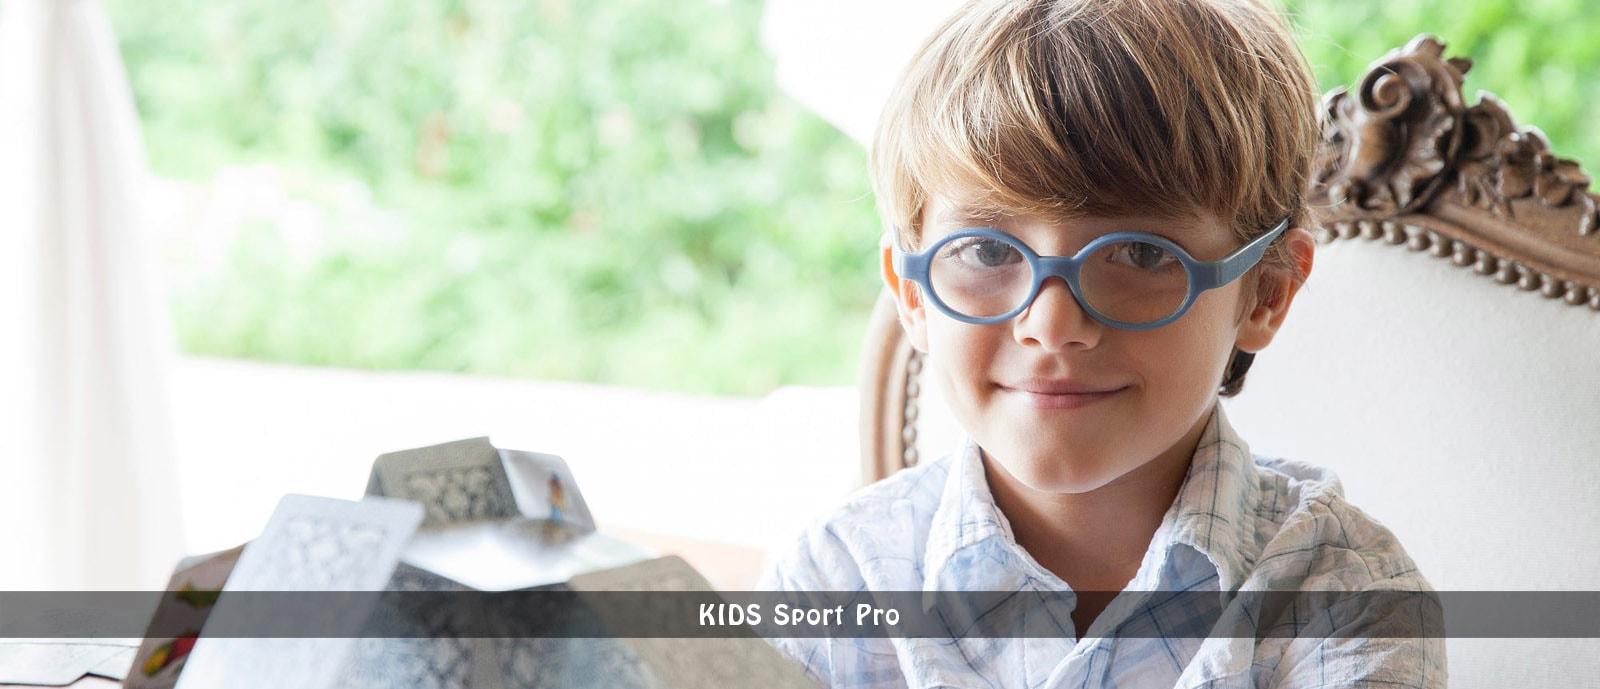 Kids Sport Pro